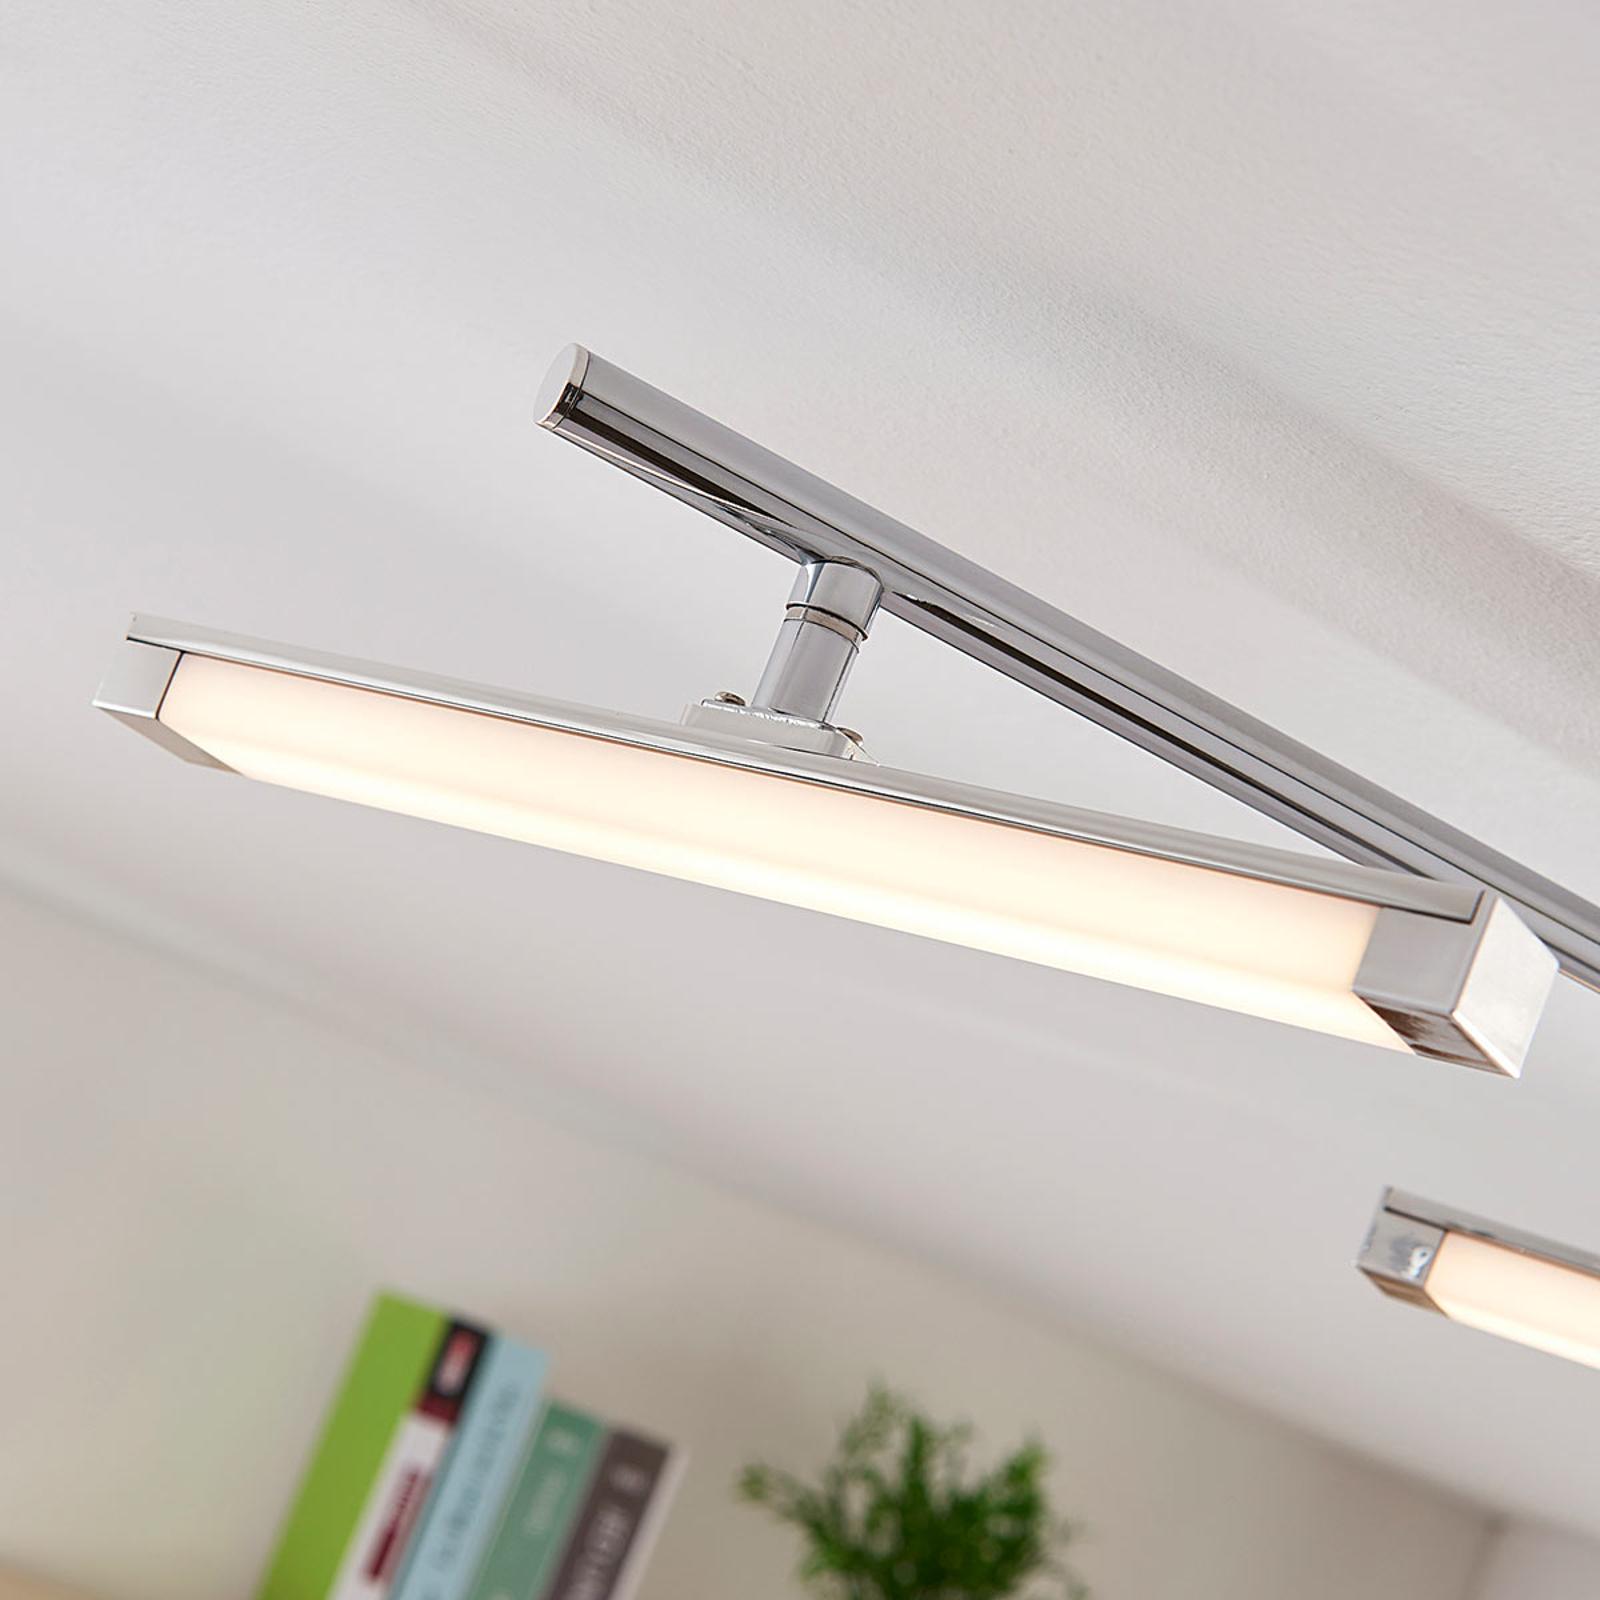 LED taklampe Pilou kan dimmes med bryter | Lampegiganten.no